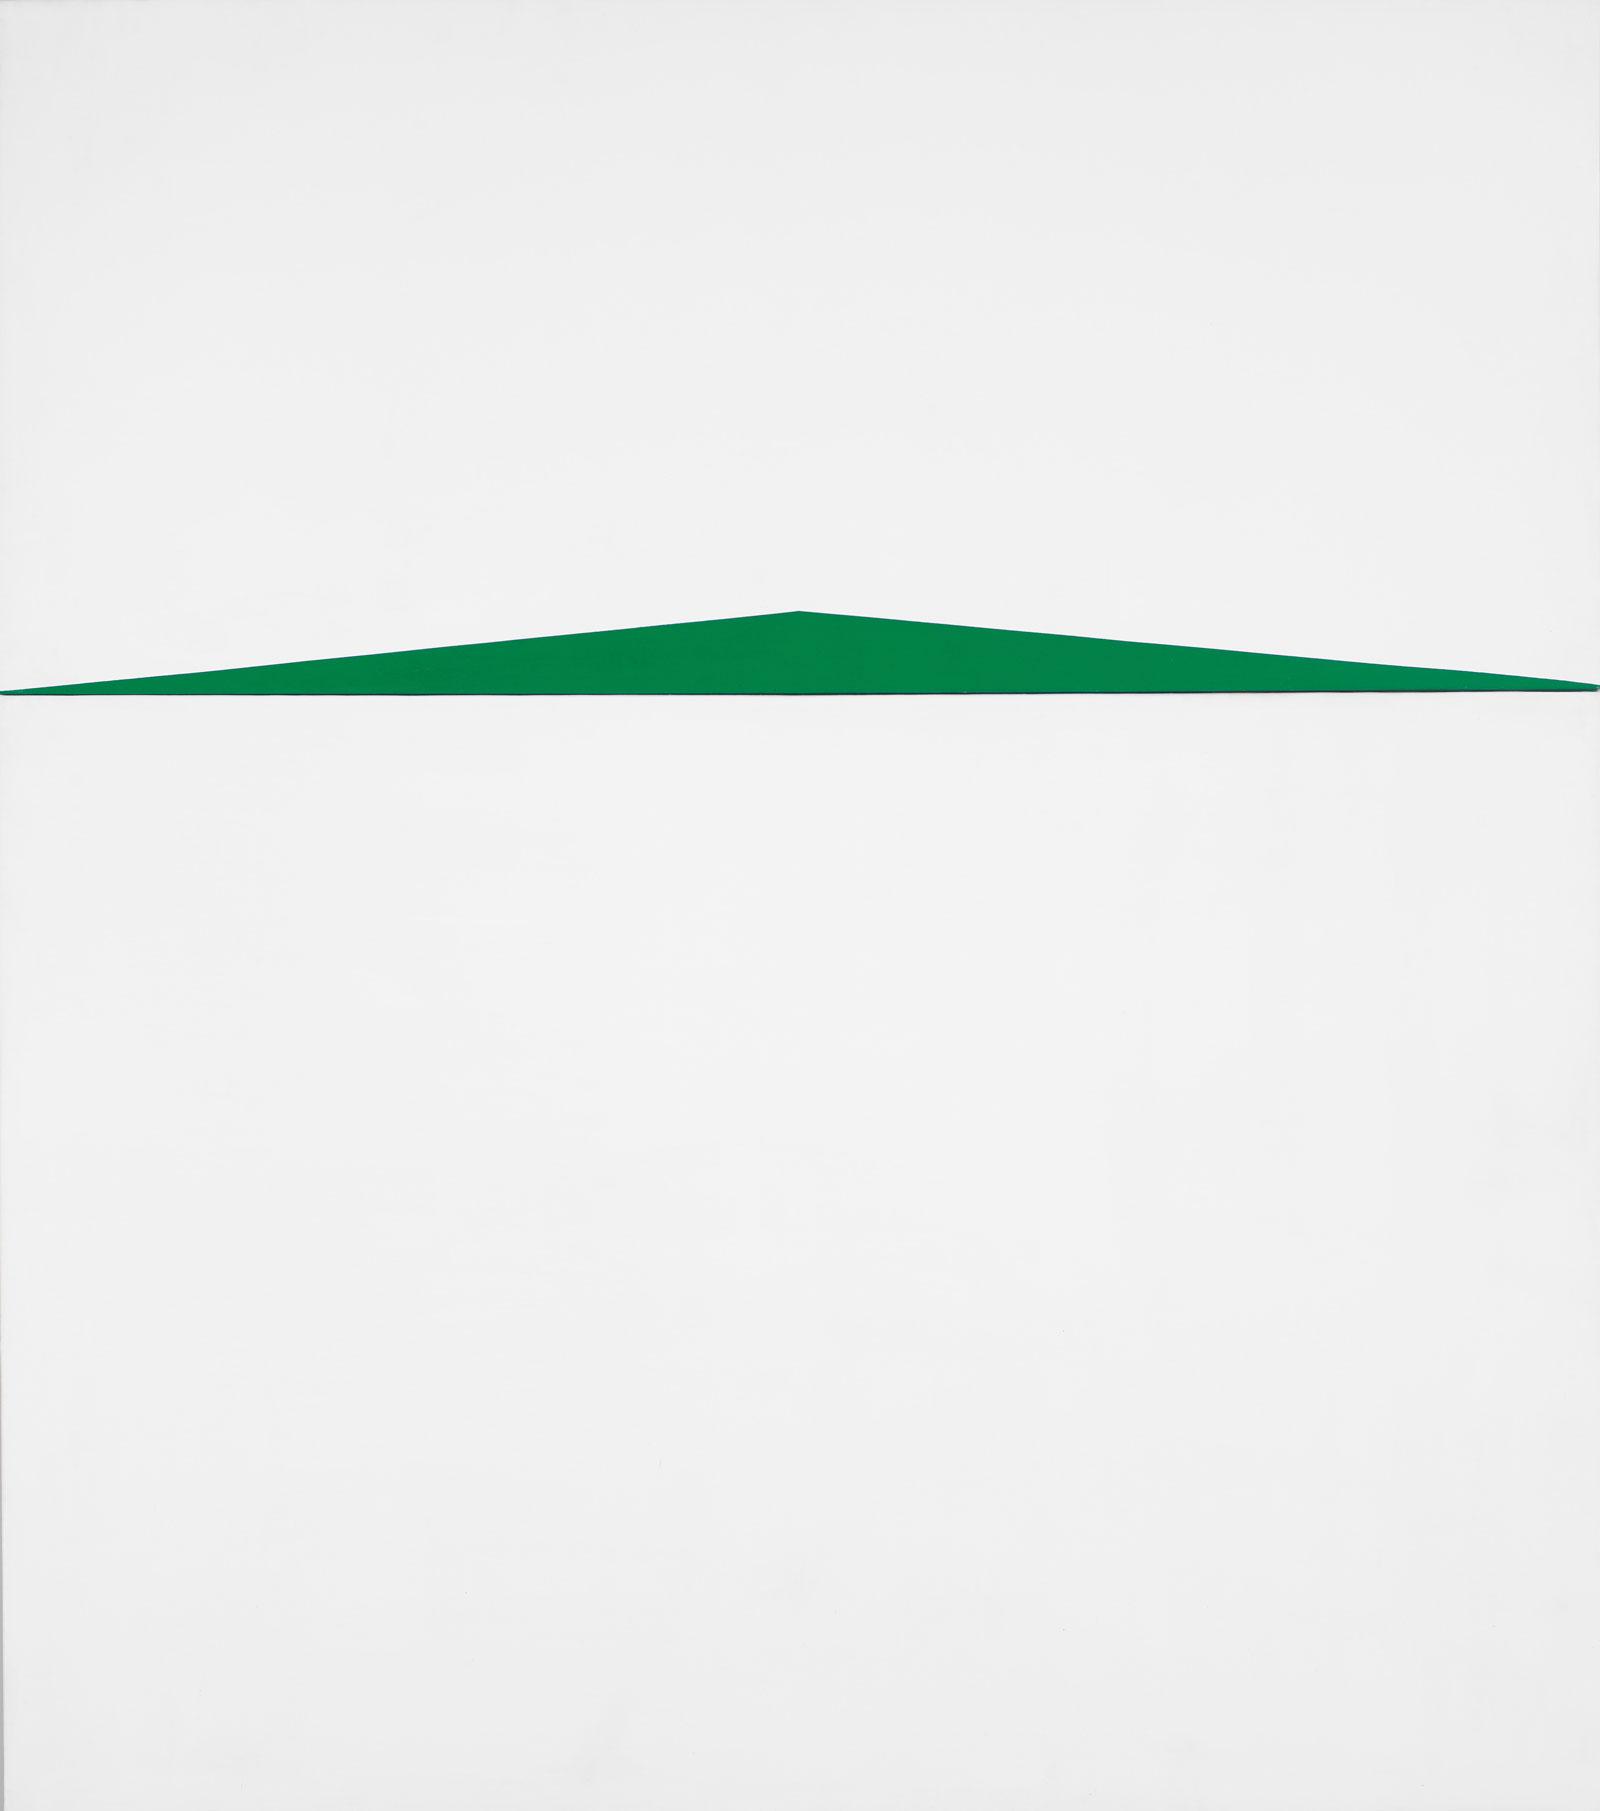 herrera-blancoyverde35